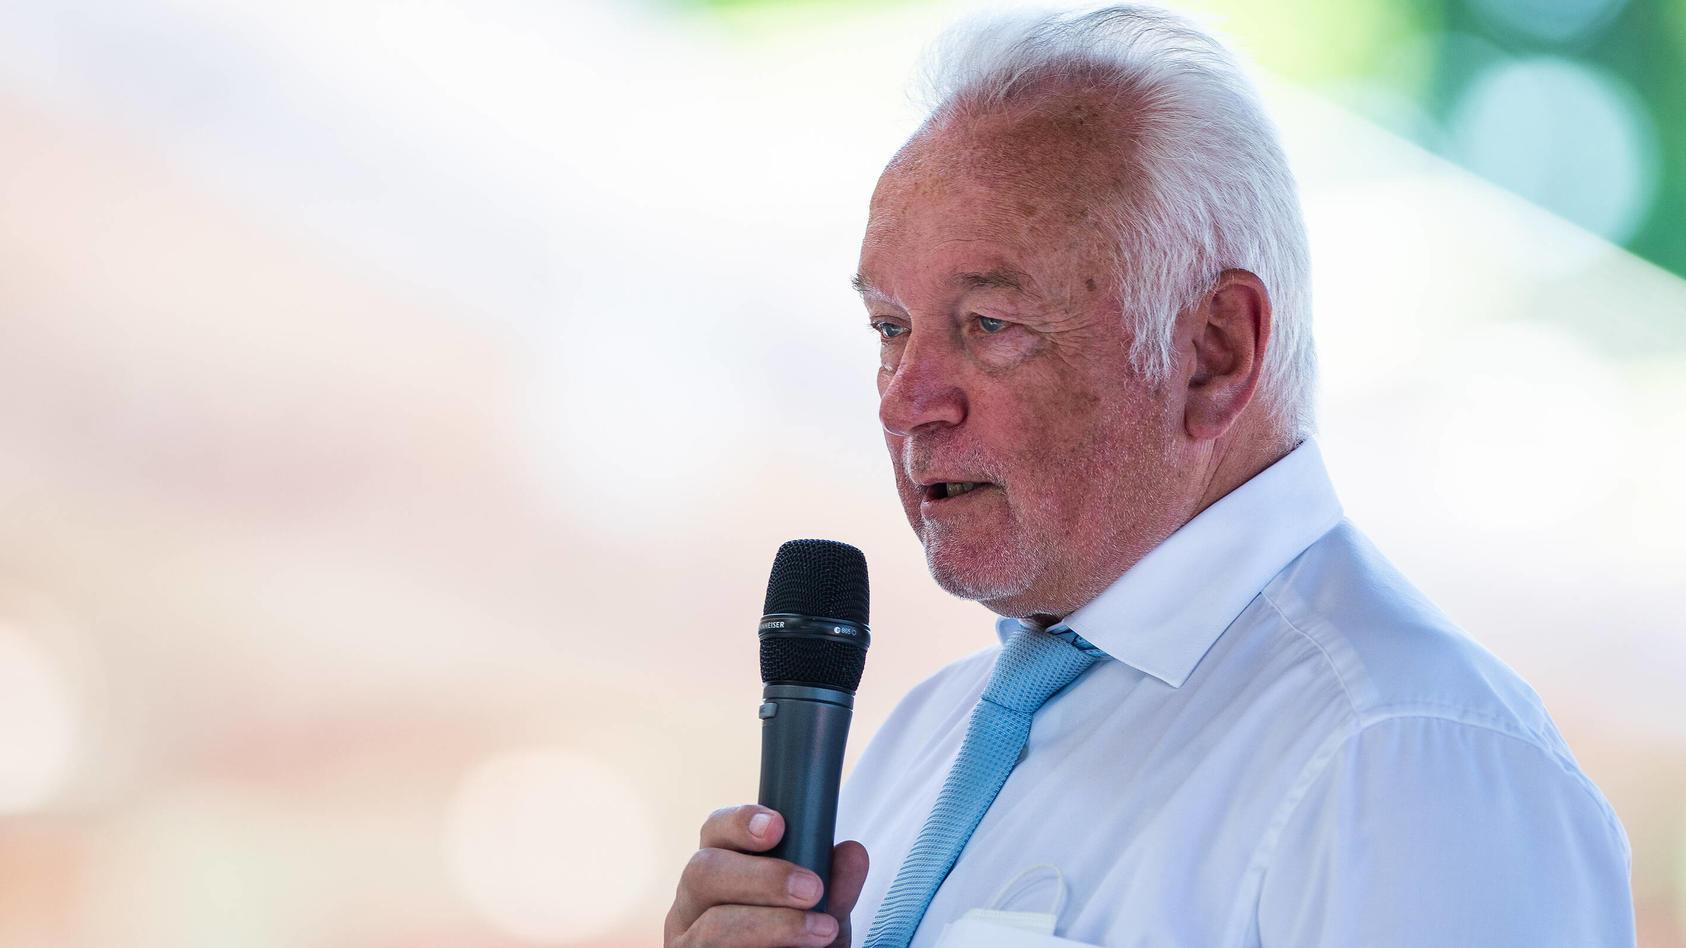 Bundestagsvizepräsident Wolfgang Kubicki (FDP) hat sich offen dazu bekannt, Corona-Regeln während des Lockdowns missachtet zu haben.